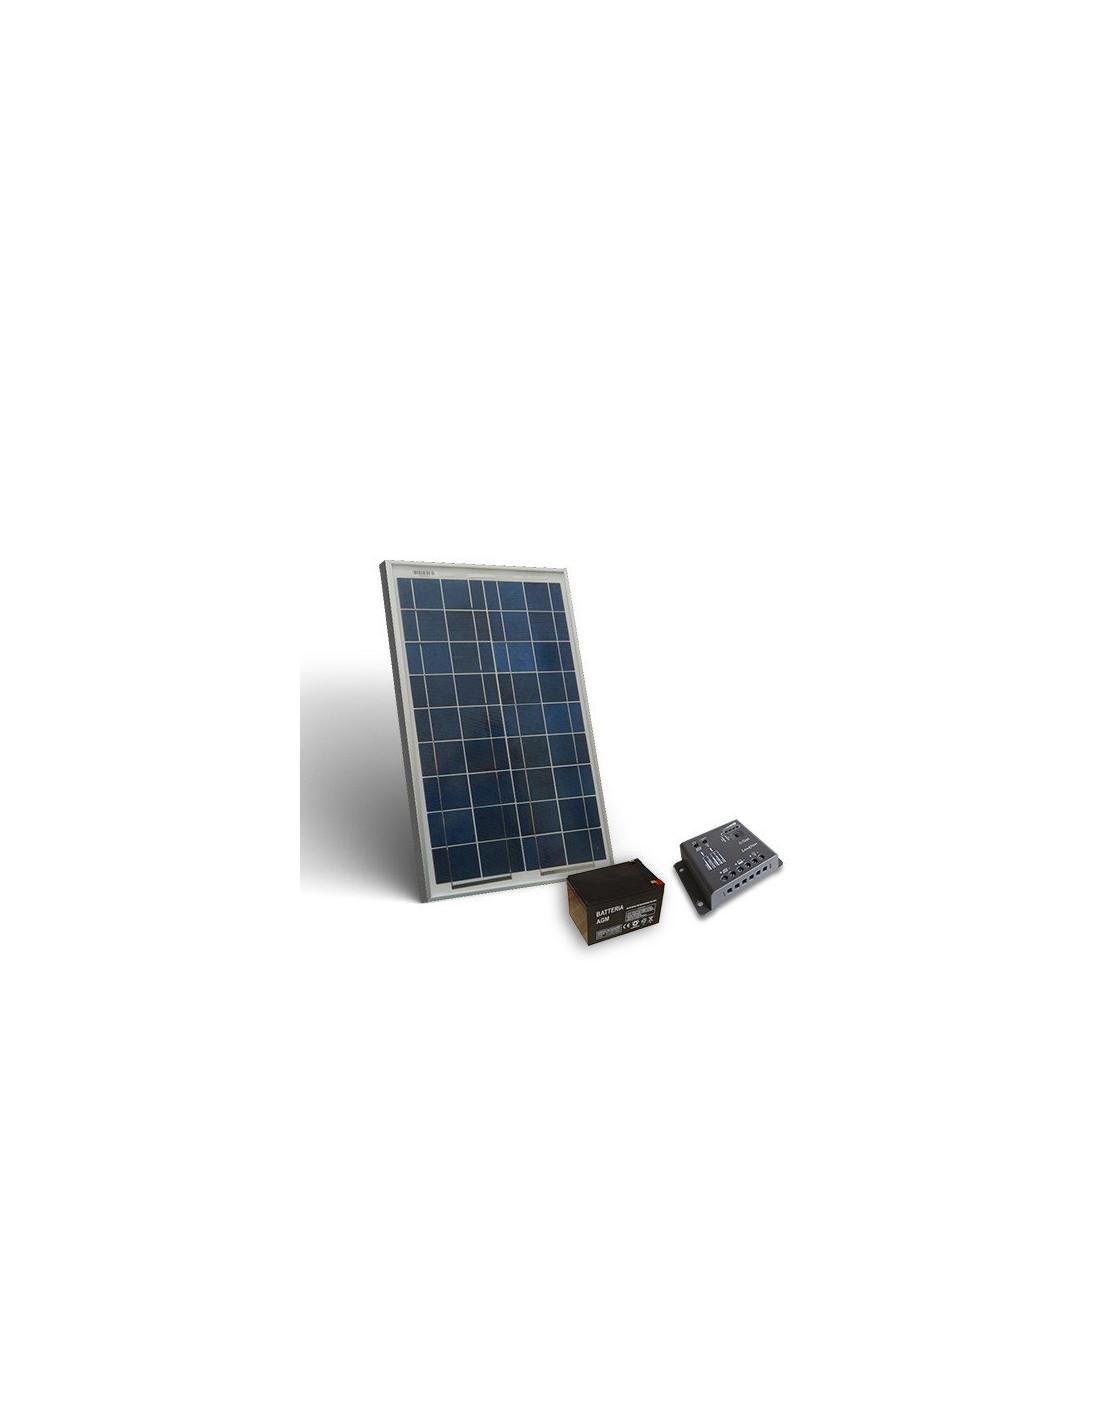 kit solaire pro 20w panneau solaire regulateur de charge. Black Bedroom Furniture Sets. Home Design Ideas